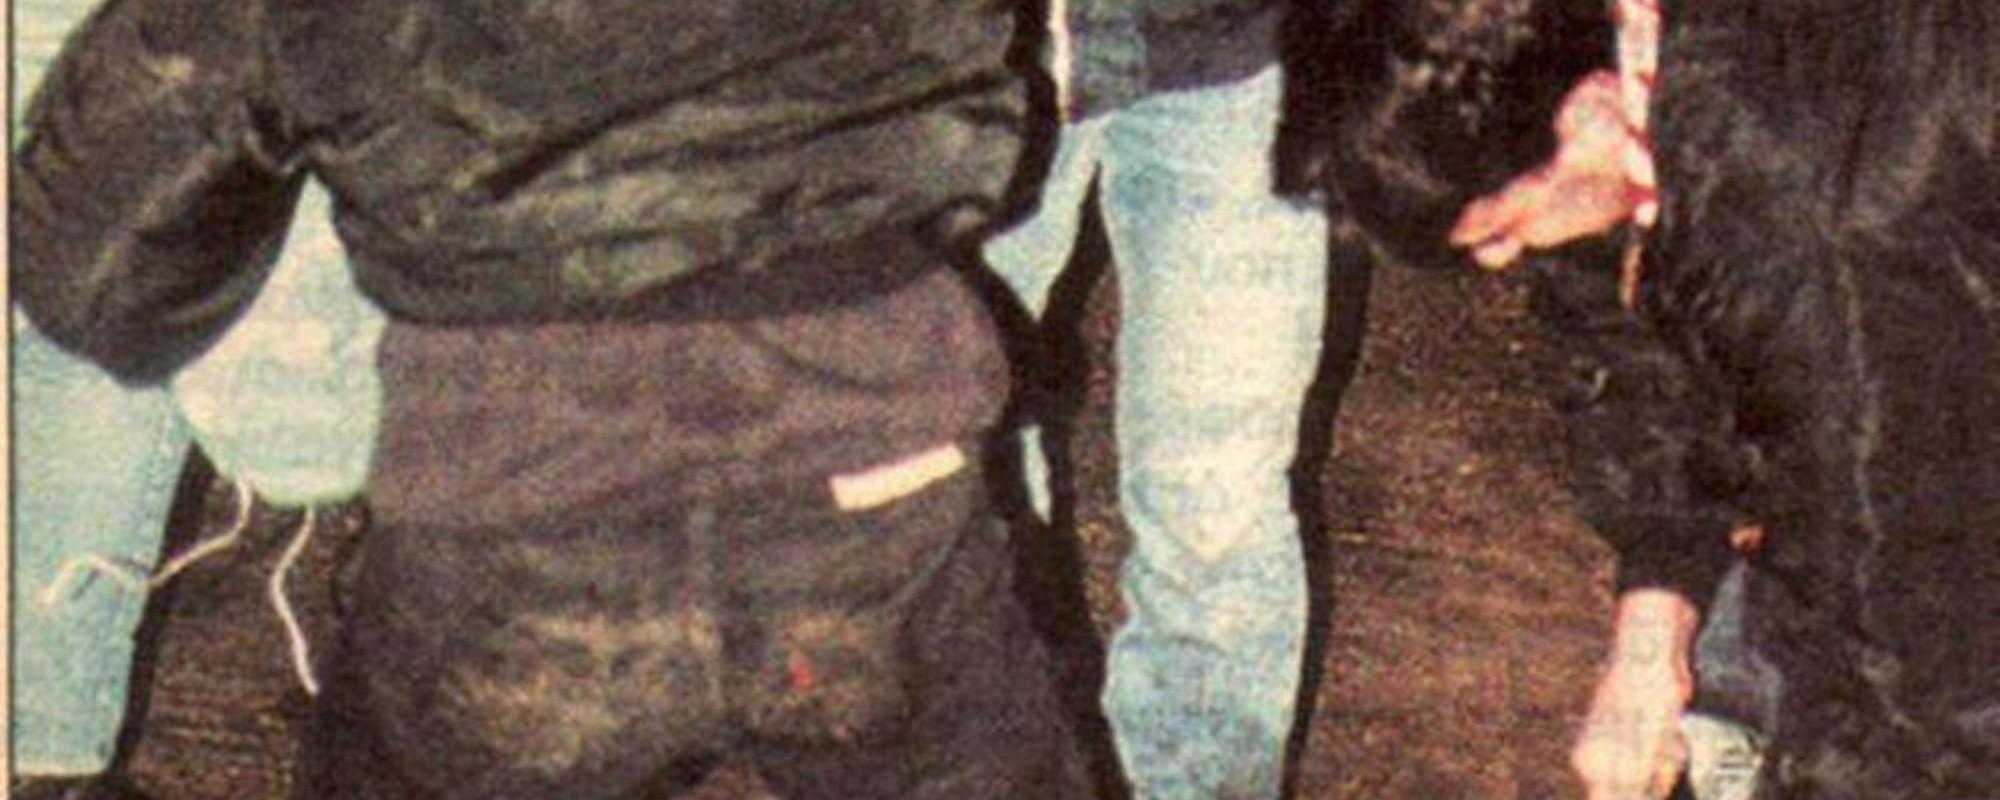 Peleas brutales y botellas rotas: fotos inéditas de los 'hooligans' griegos de los 90